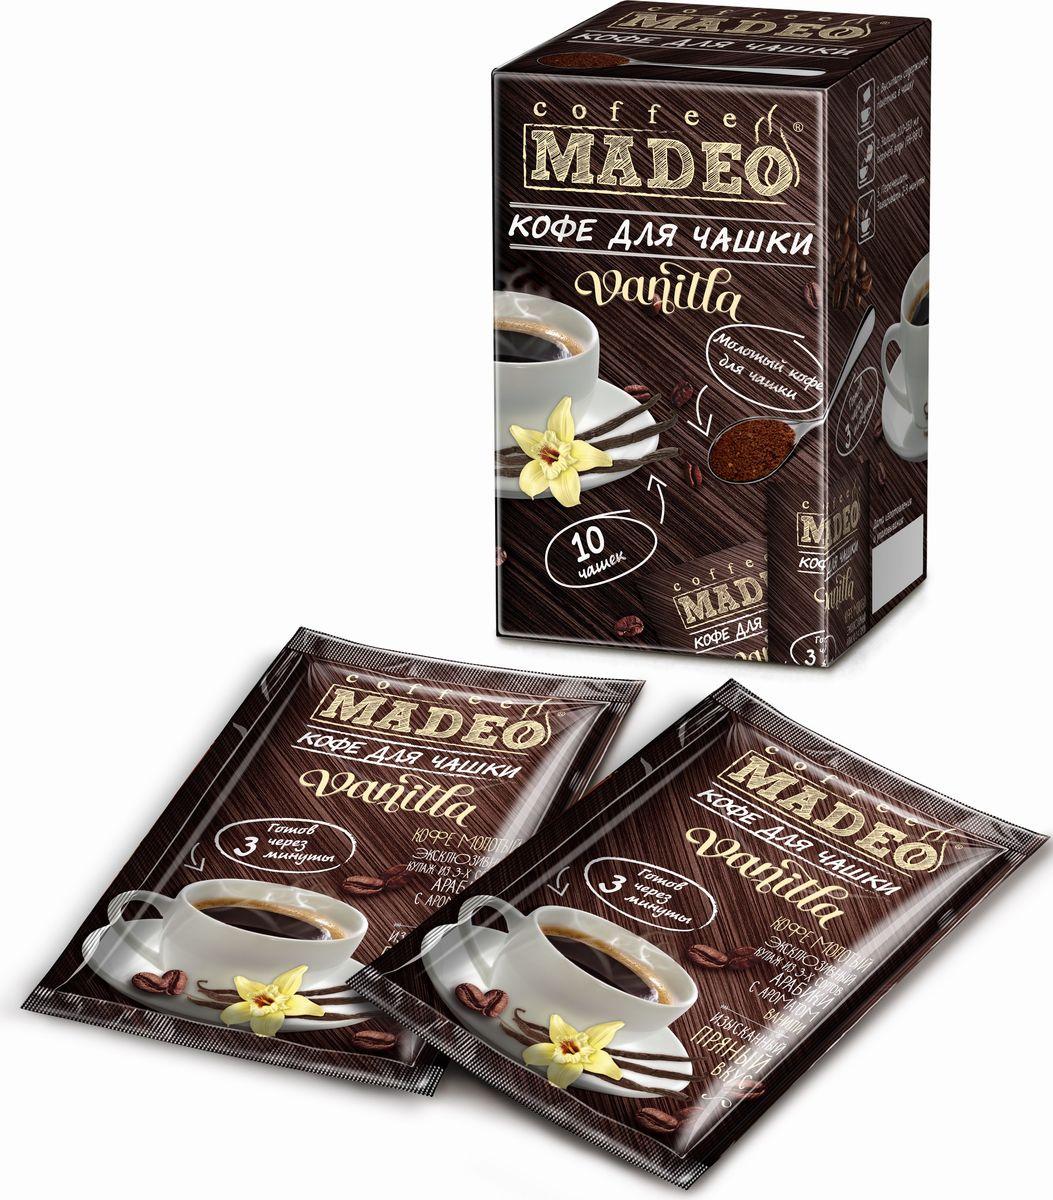 Madeo Vanilla кофе молотый, 10 штук по 10 г4607132509027Высокогорная Арабика из стран Латинской Америки. Напиток имеет сладкий аромат ванили, изысканный прянный вкус с нежностью сливок.